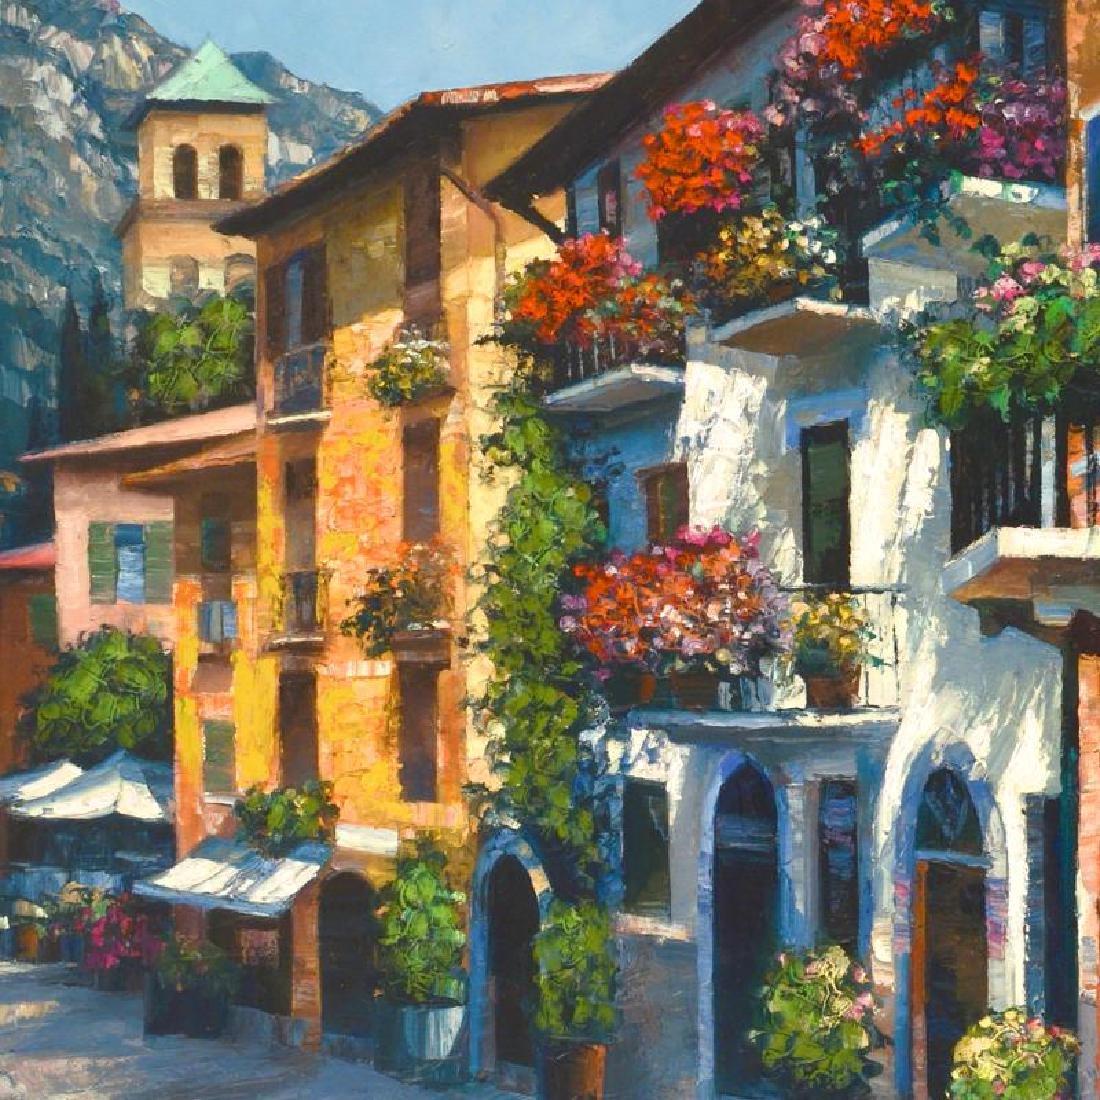 Village Hideaway by Behrens (1933-2014) - 2